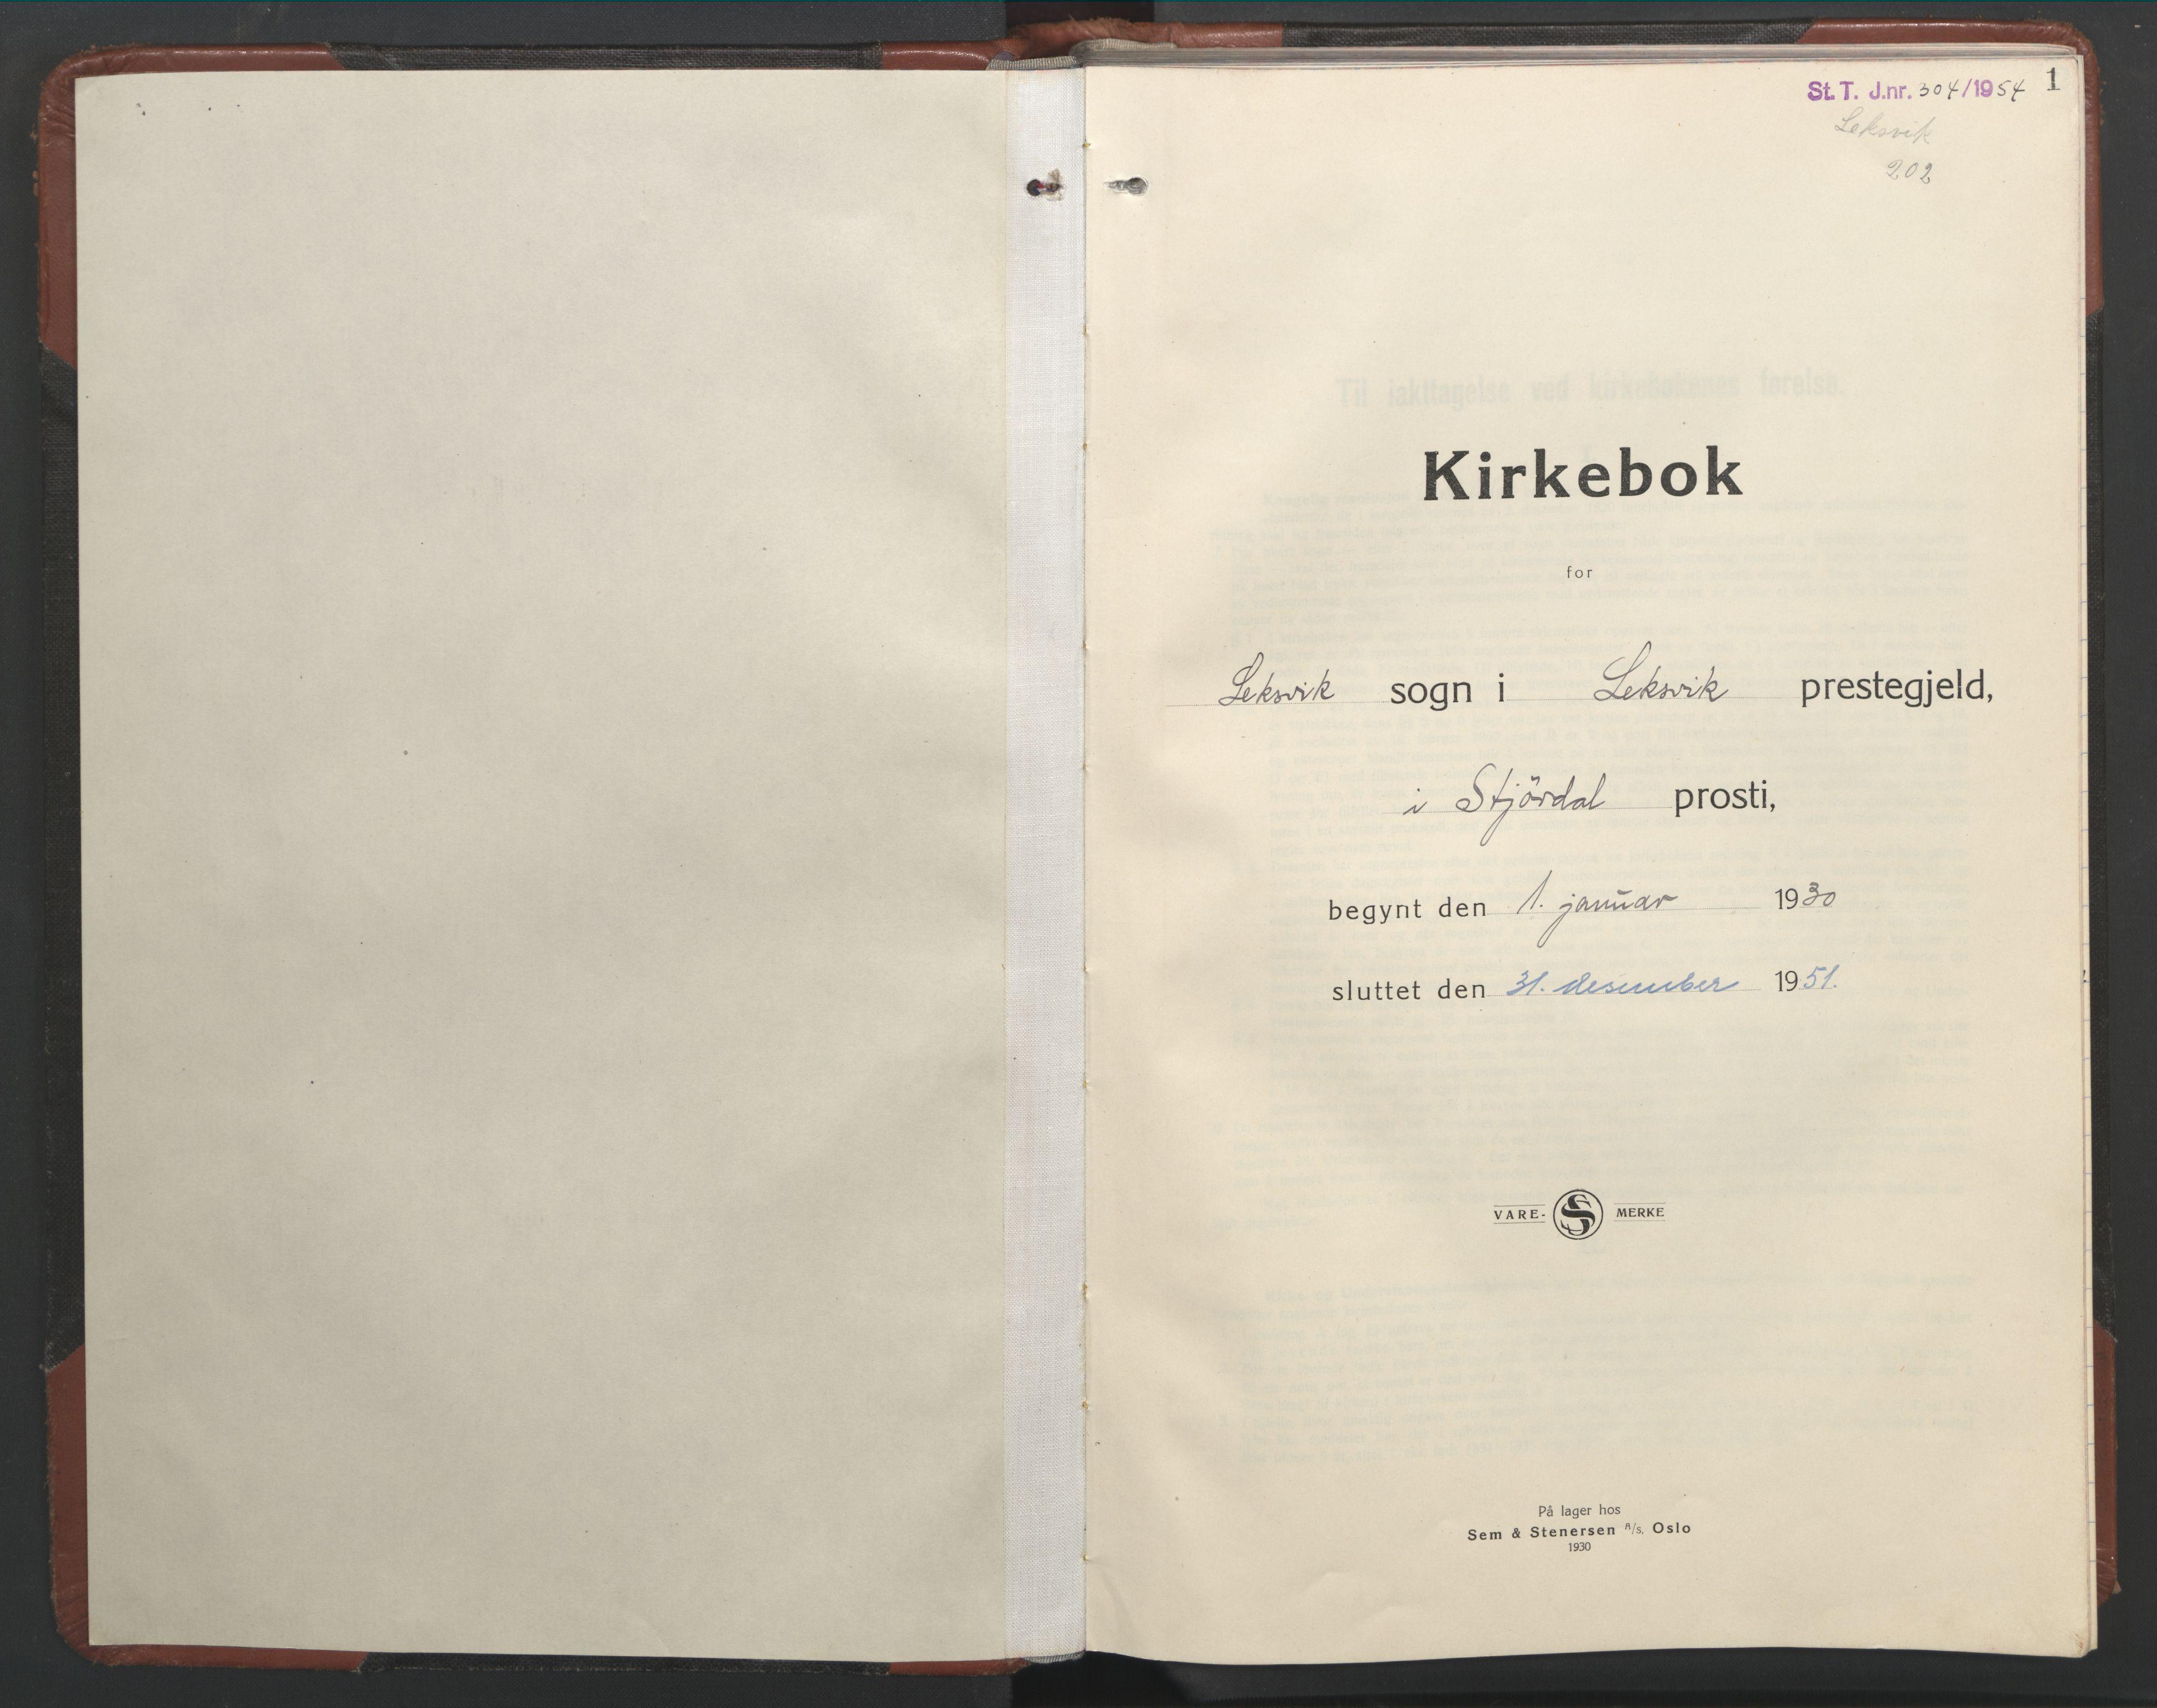 SAT, Ministerialprotokoller, klokkerbøker og fødselsregistre - Nord-Trøndelag, 701/L0019: Klokkerbok nr. 701C03, 1930-1953, s. 1